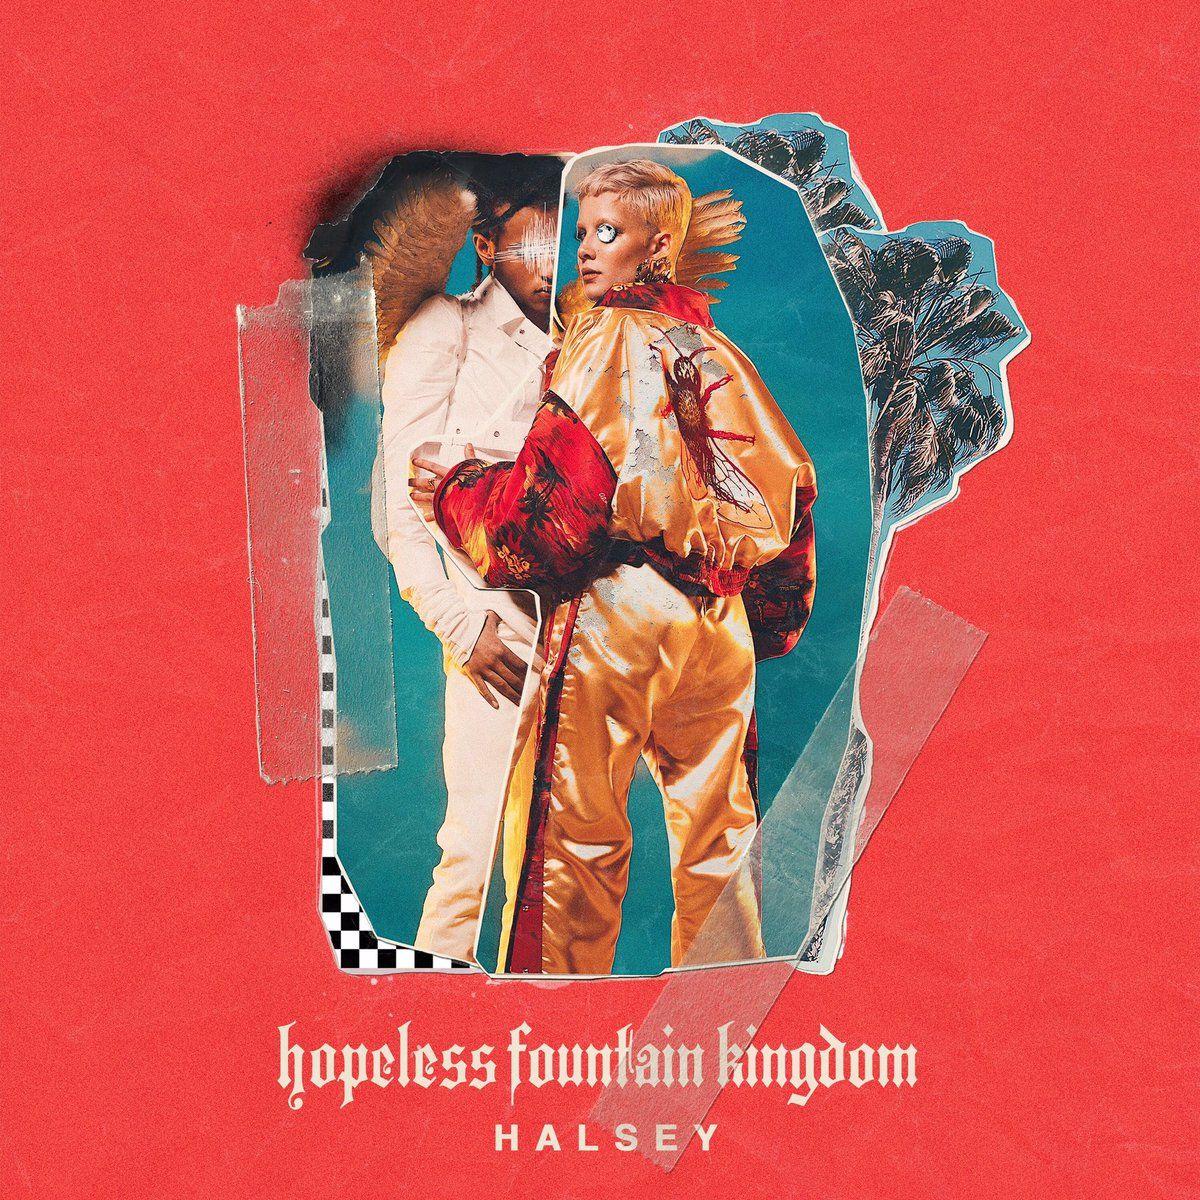 Halsey - Hopeless Fountain Kingdom album cover